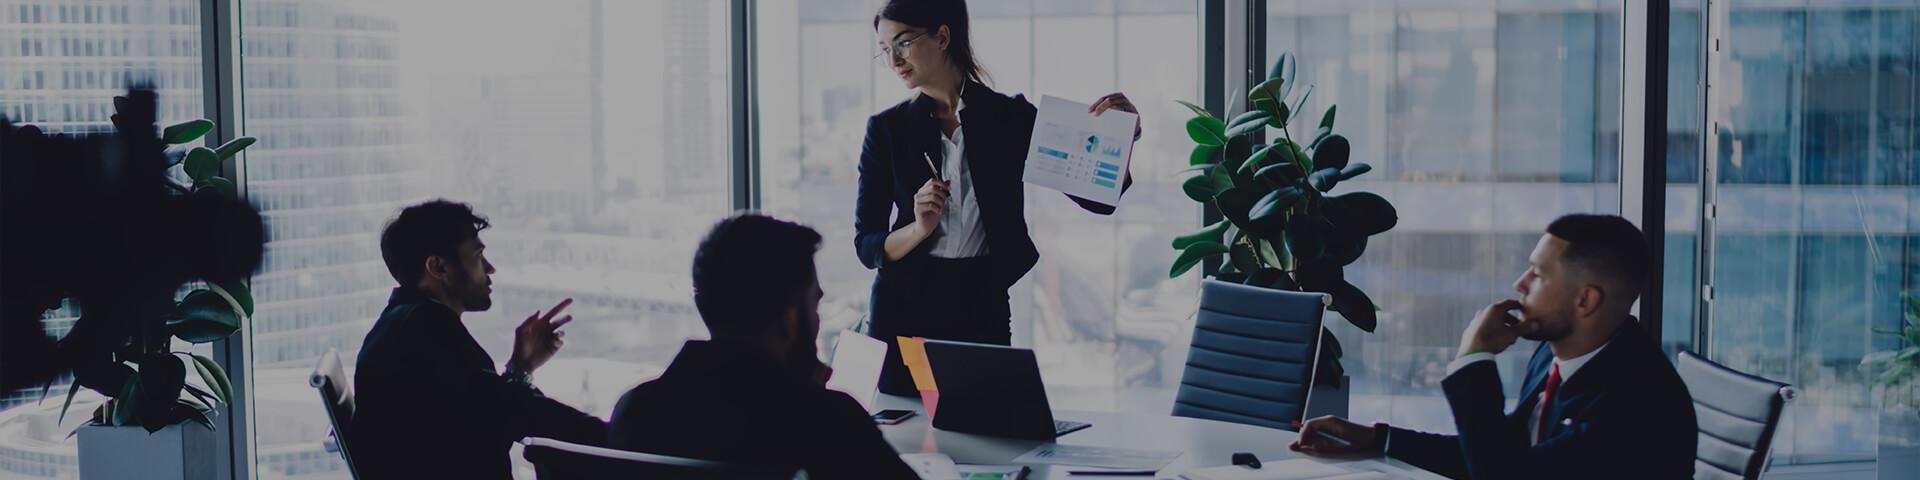 Pourquoi s'appuyer d'un cabinet de conseil ?